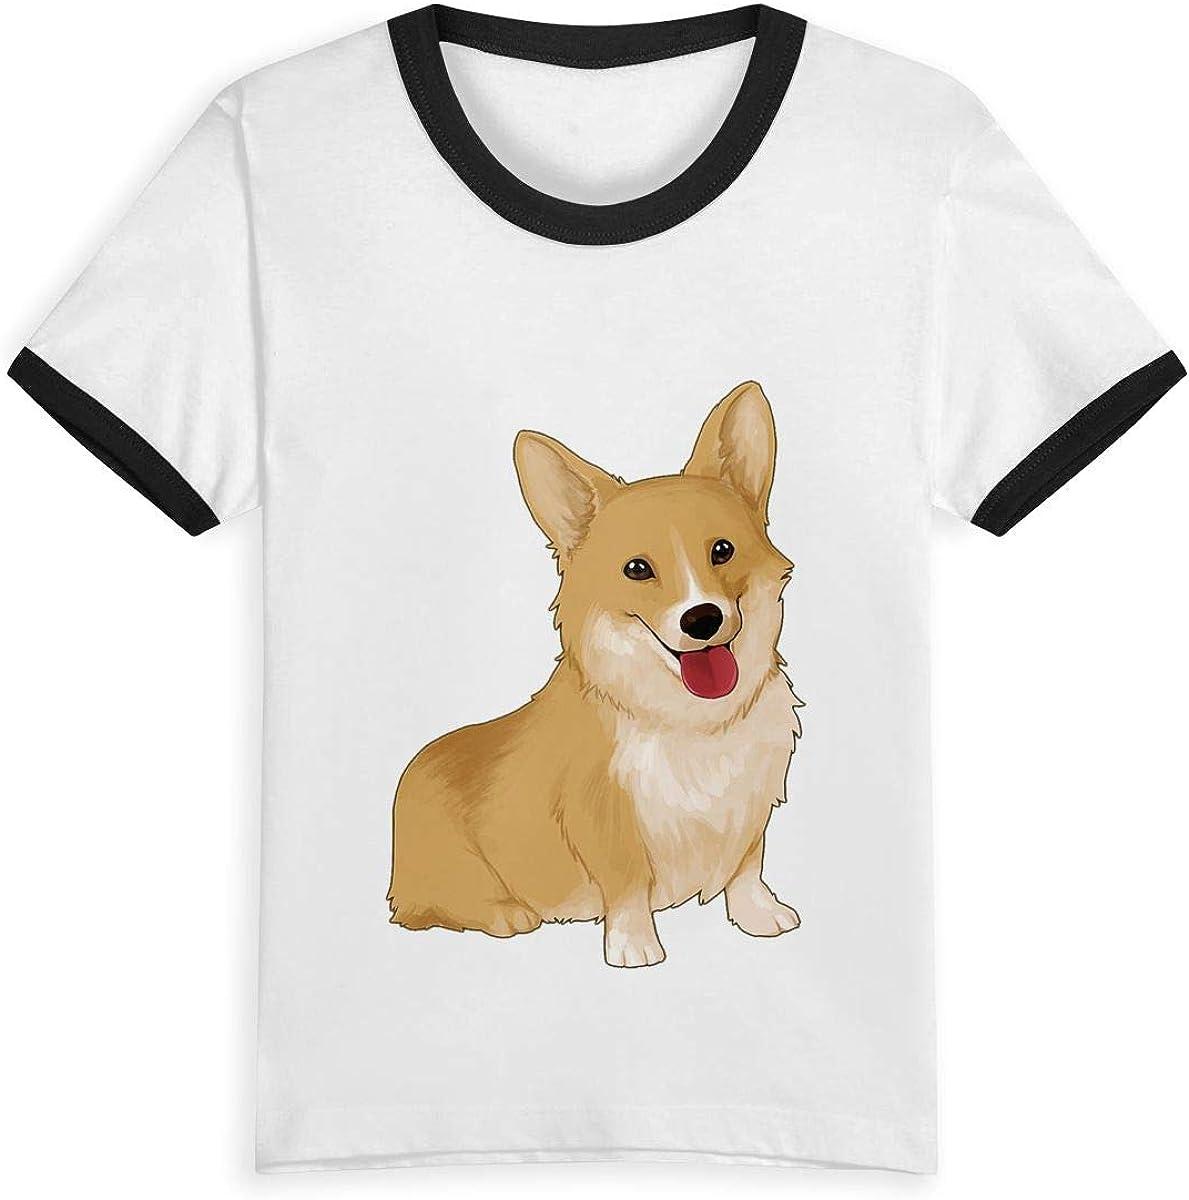 Corgi de 2 a 6 años con Estampado de Dibujos Animados, Camiseta de Verano para niños y niñas, Camisetas de Moda de algodón para niños pequeños, Color de Contraste Negro Negro (3